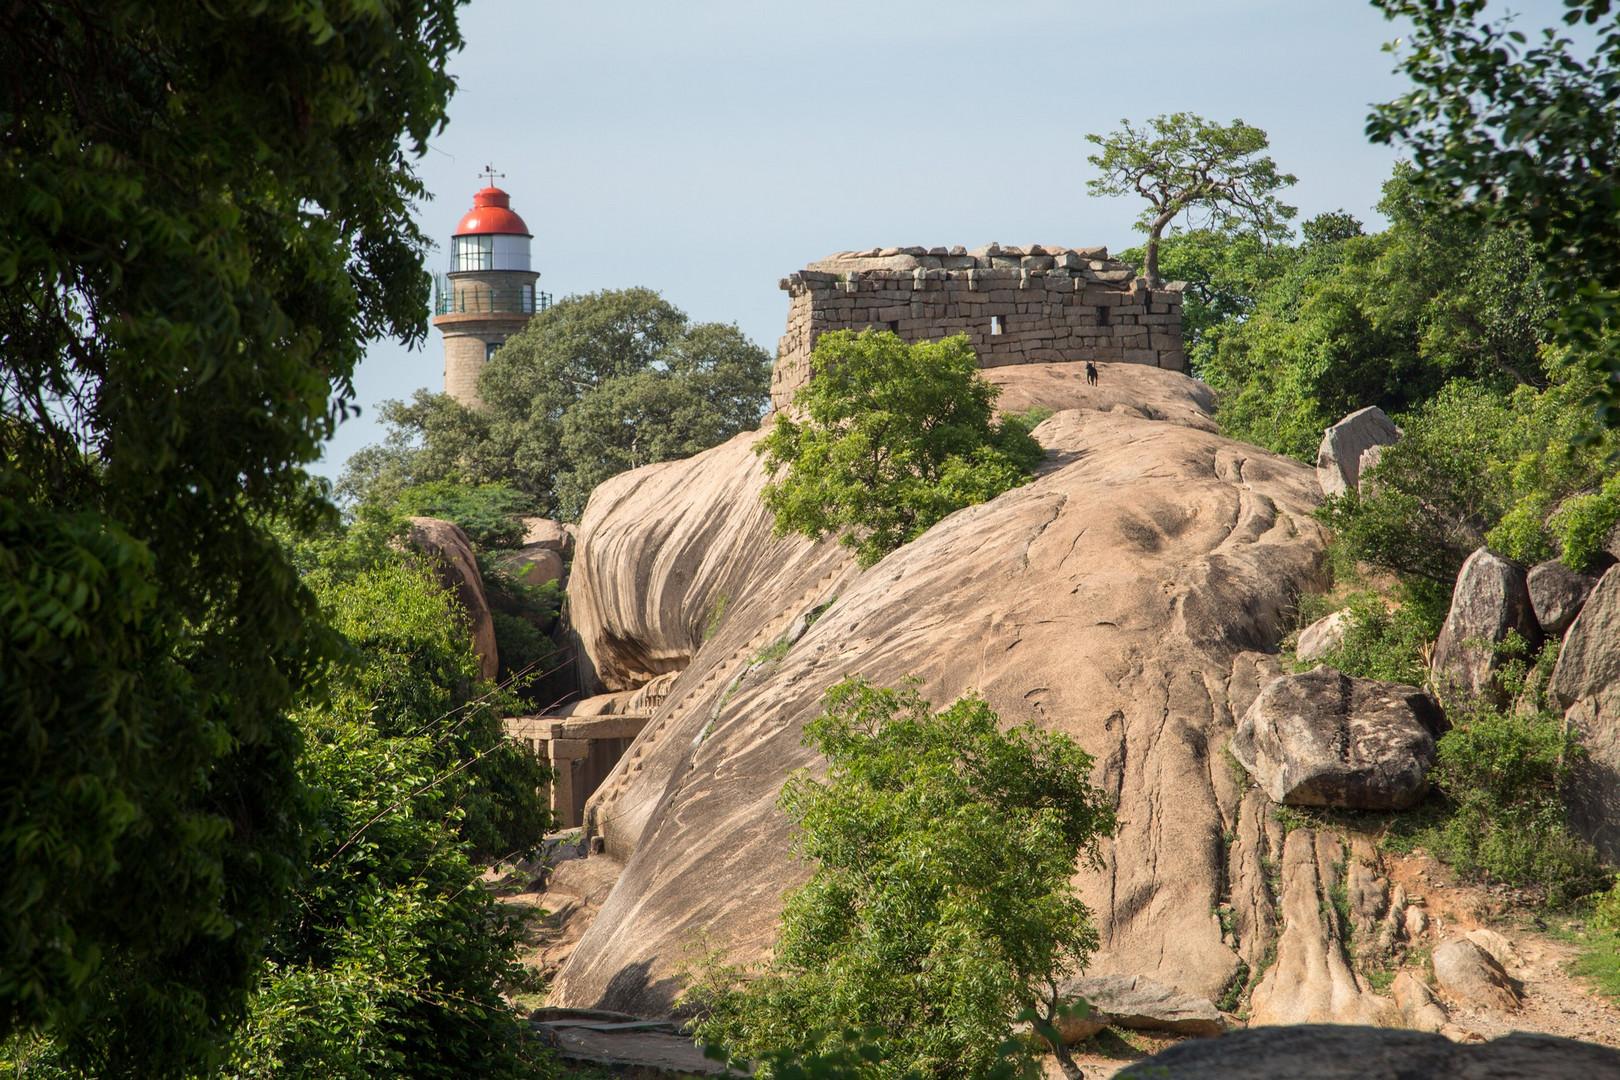 Le phare de Mamallapuram sur le rocher qui surplombe la plaine